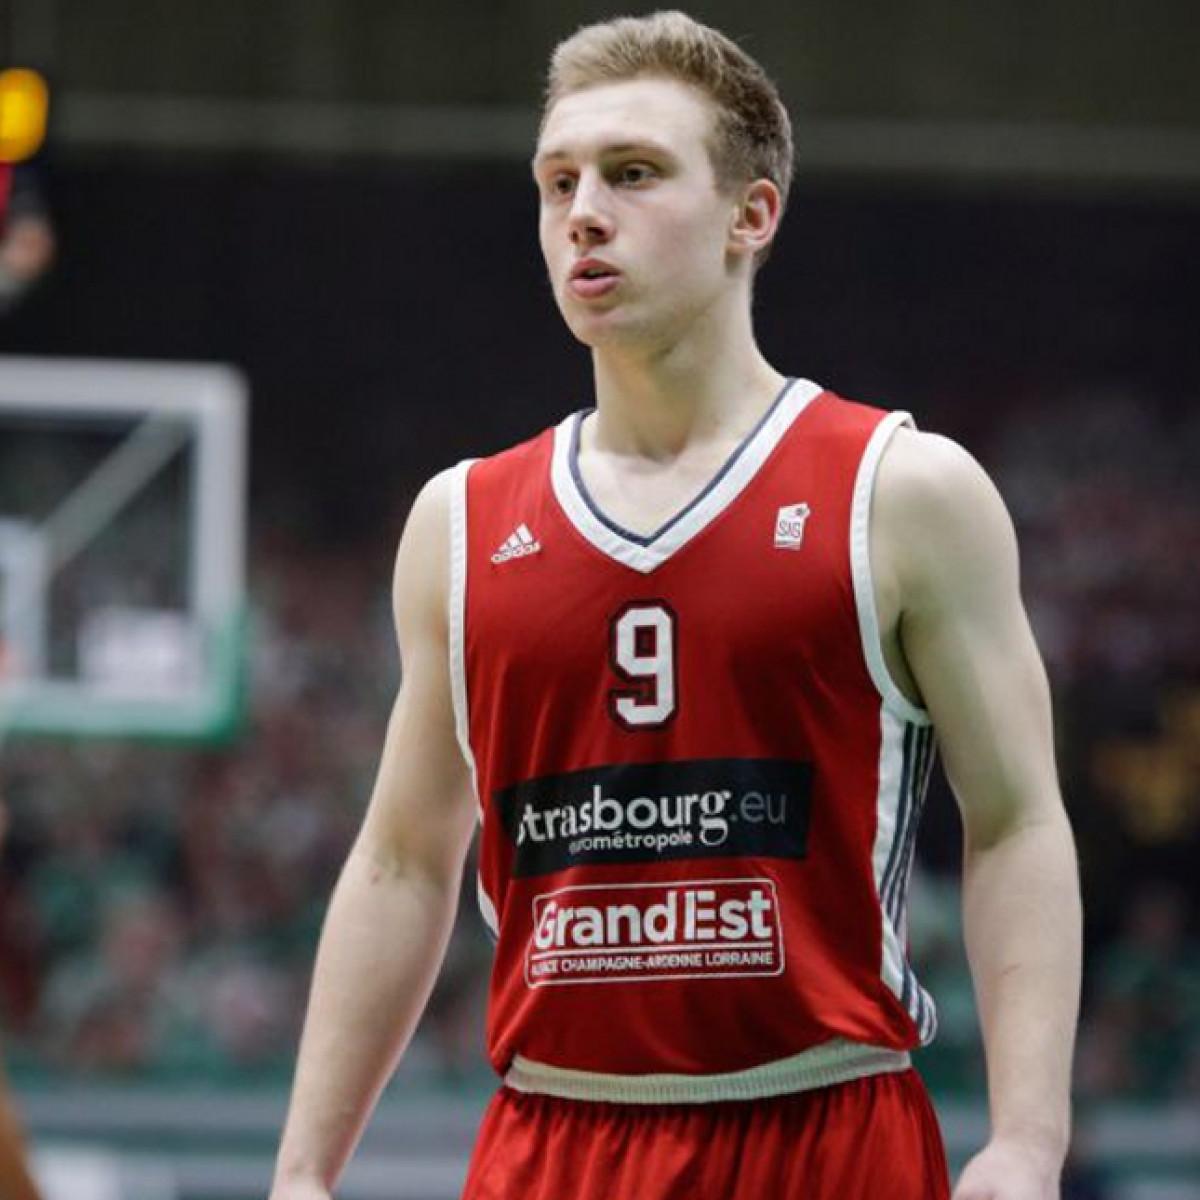 Photo of Ludovic Beyhurst, 2016-2017 season